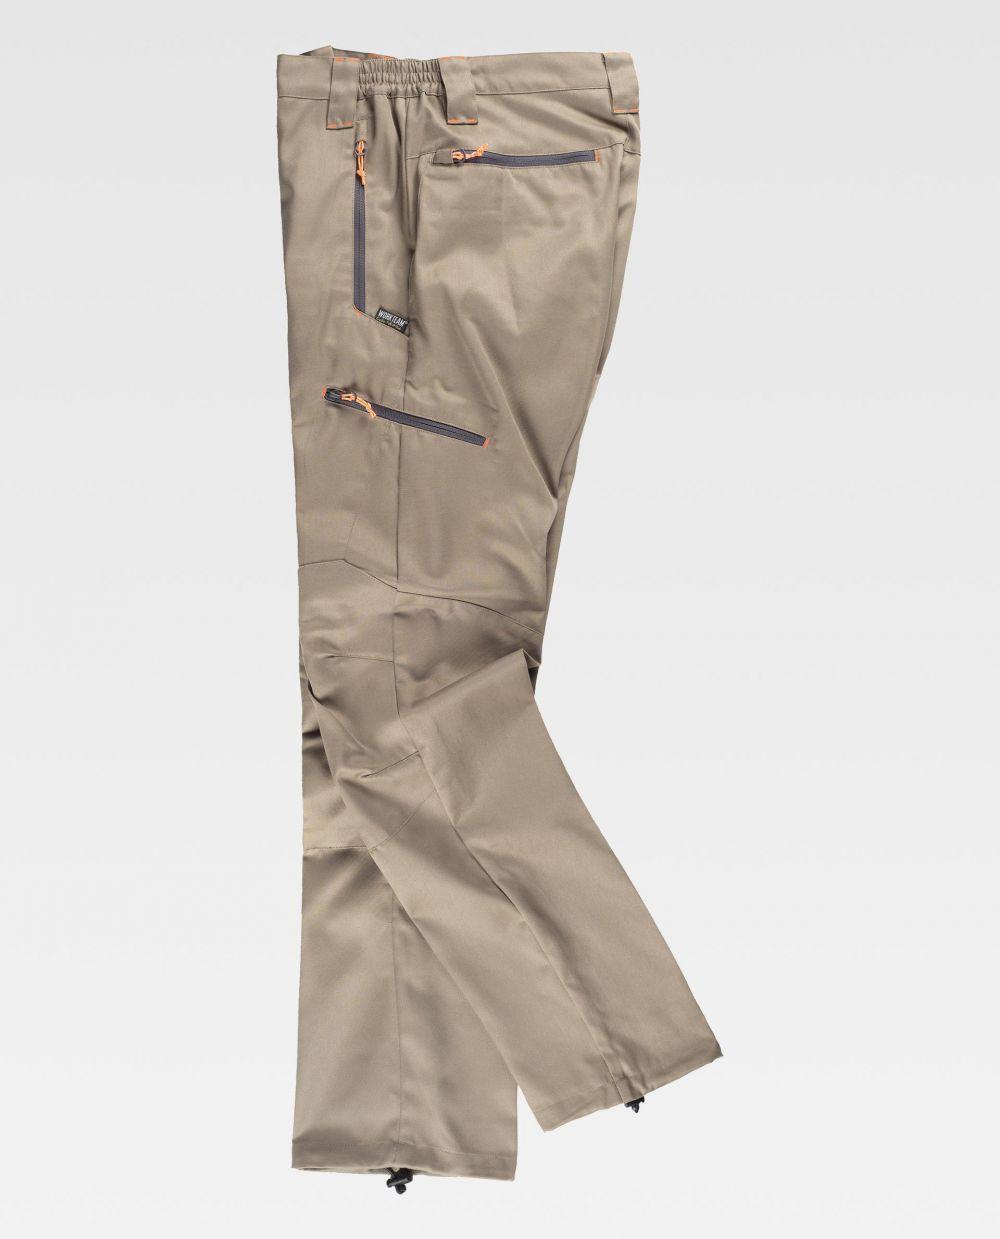 Pantalones de trabajo workteam s9885 de poliéster con impresión vista 2